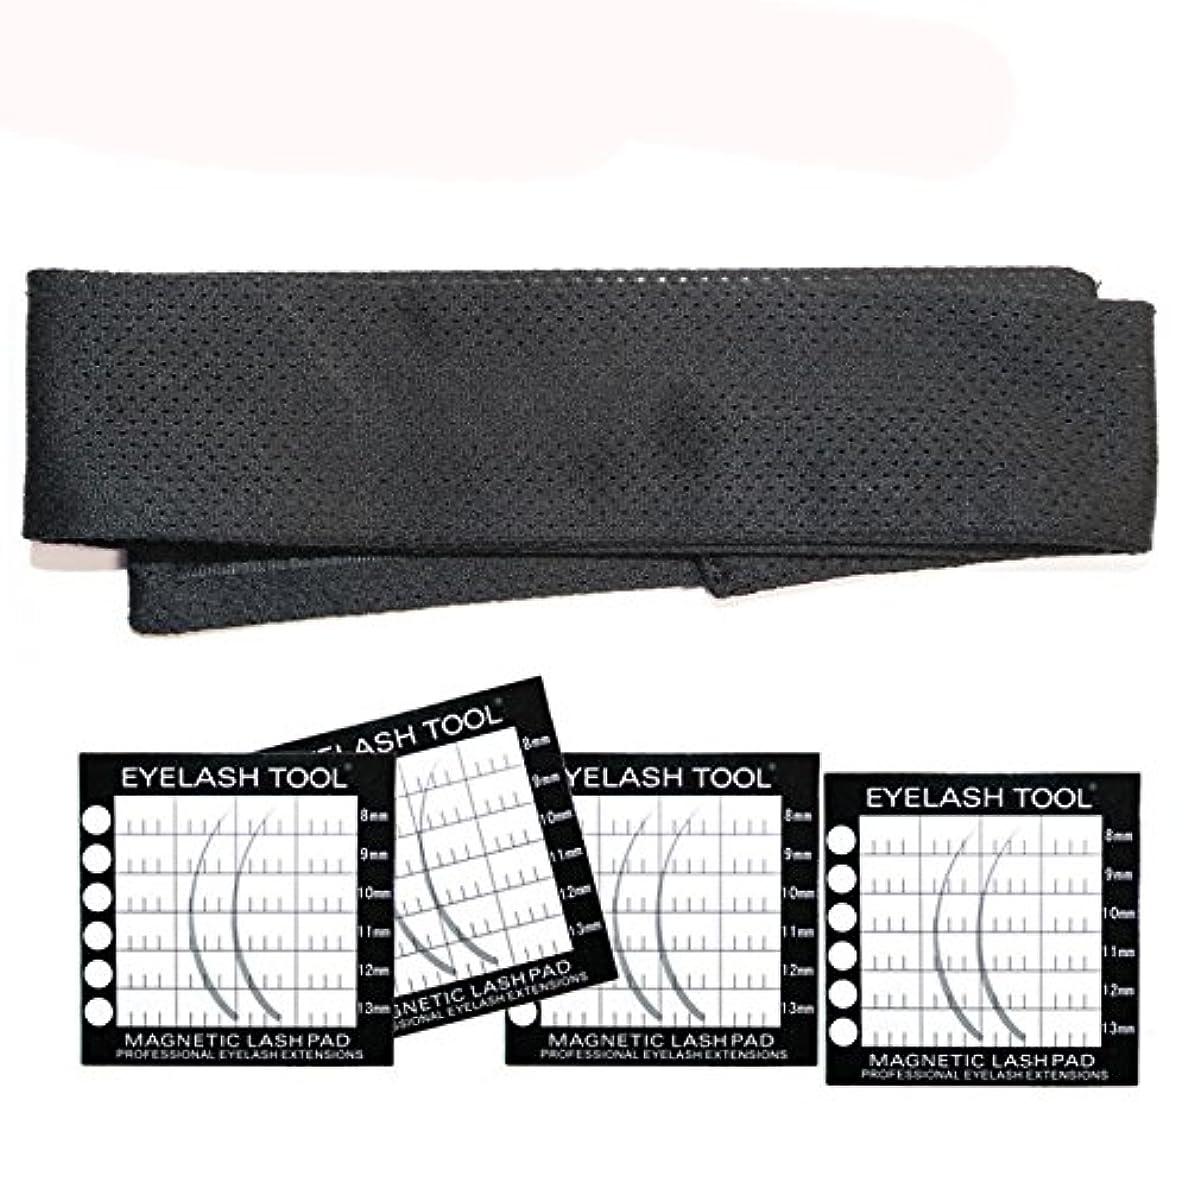 繊維モンク行商人接木まつげエクステンション用まつげルートセパレータ磁気ヘッドバンドパッド